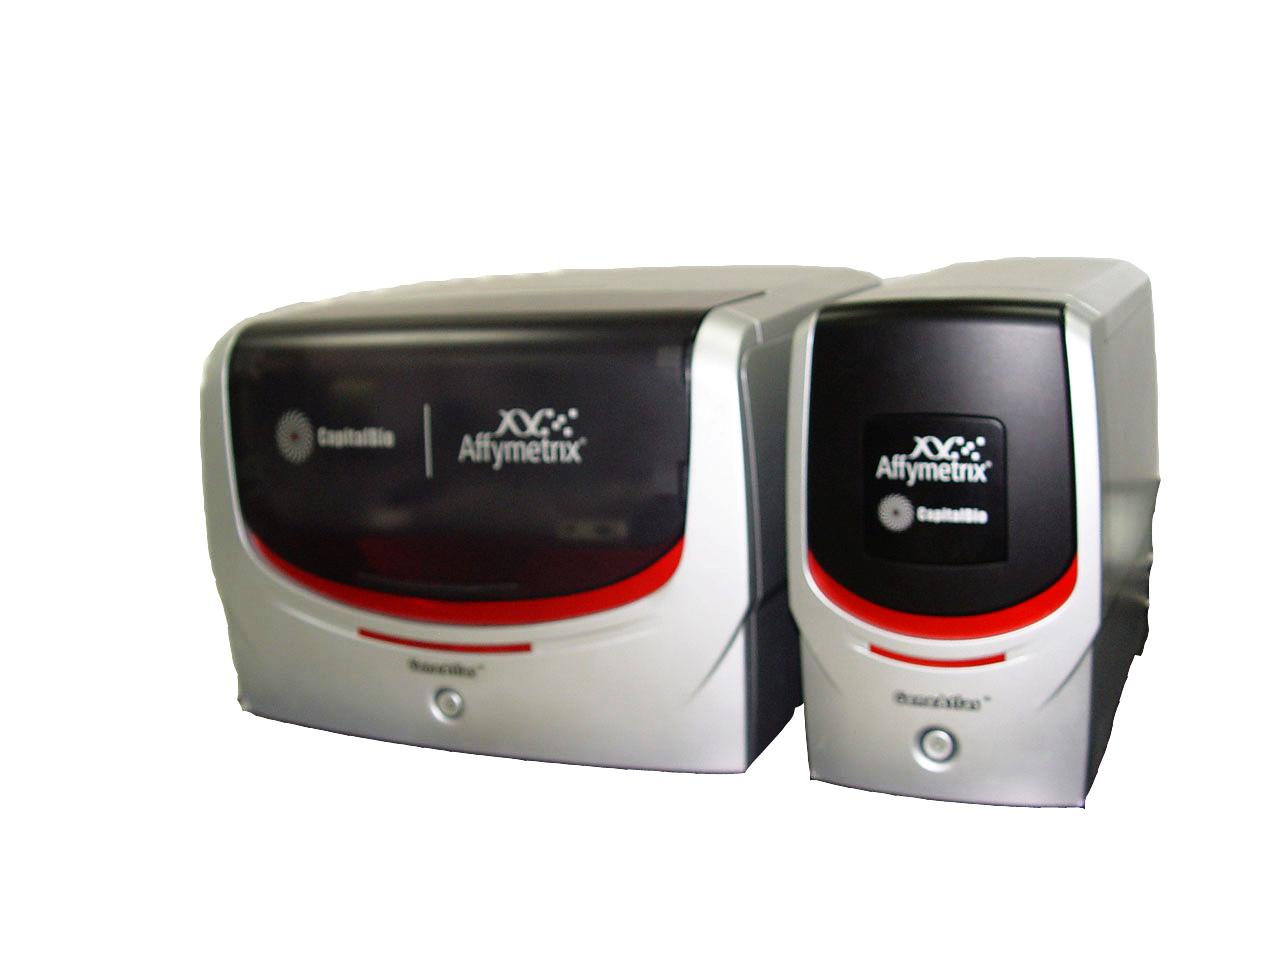 晶芯®  GeneAtlas™ 基因芯片分析系统